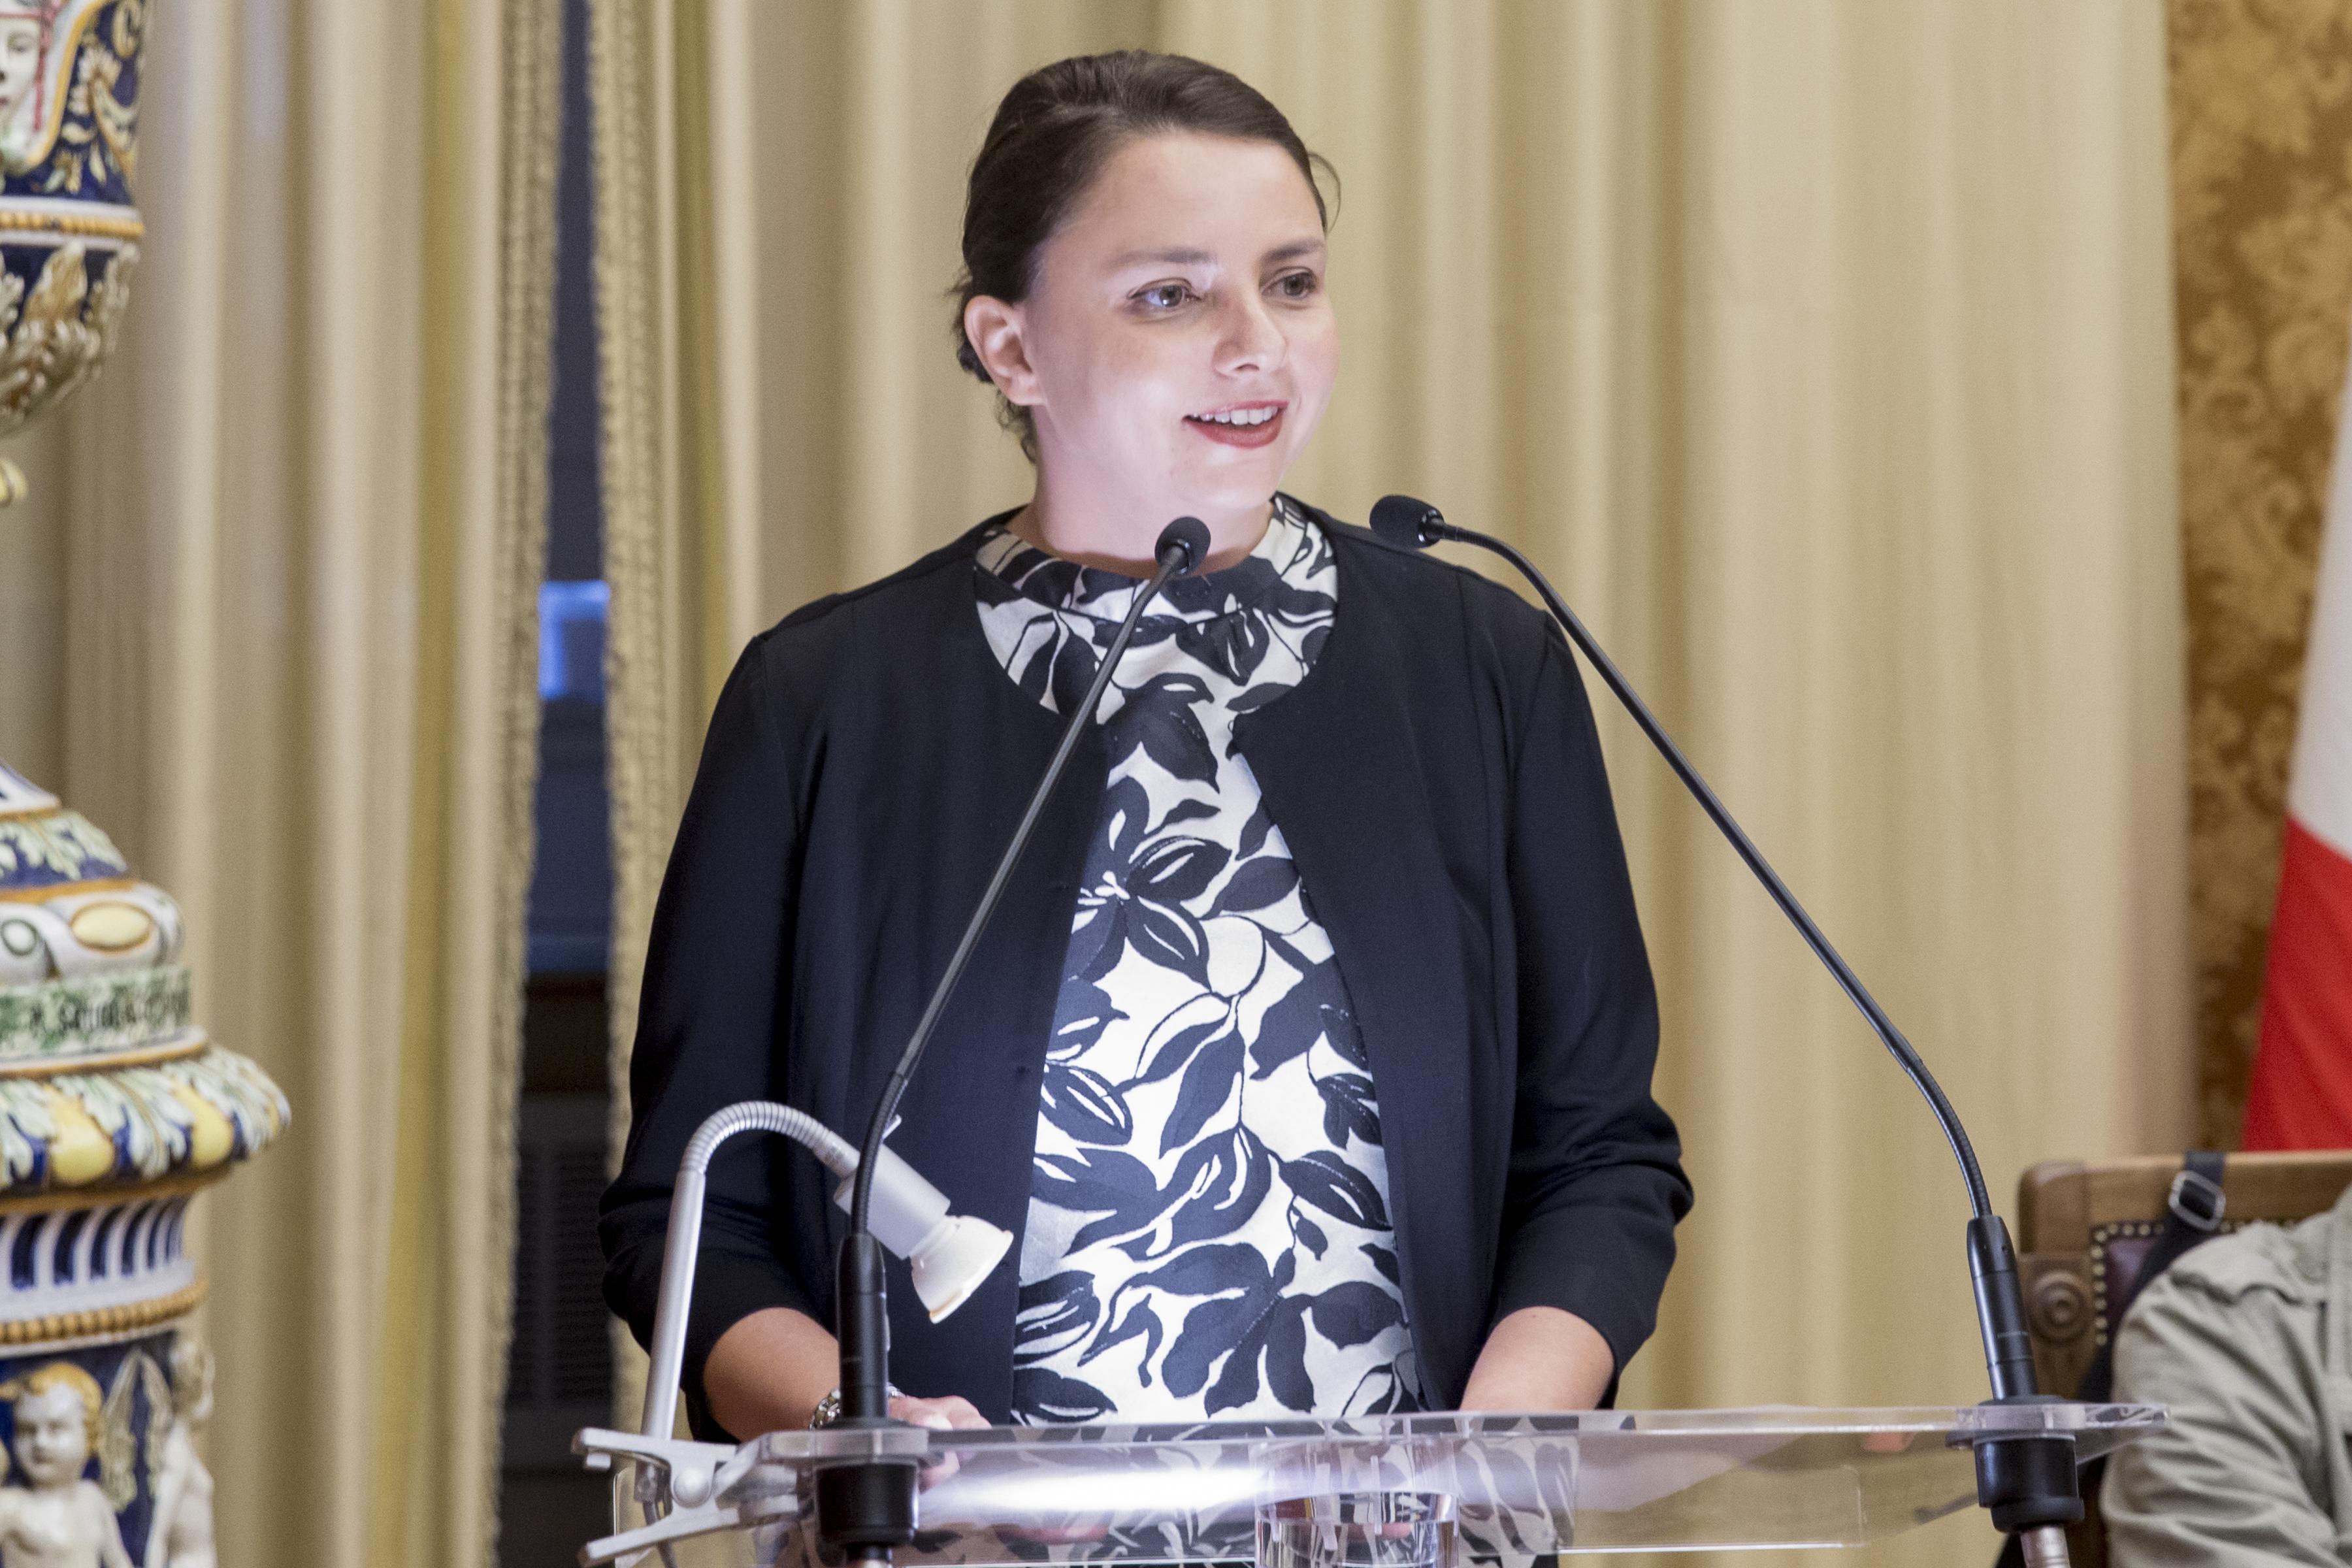 04_10_2018_Fico_Giornalismo_Pilastro_Democrazia-2568